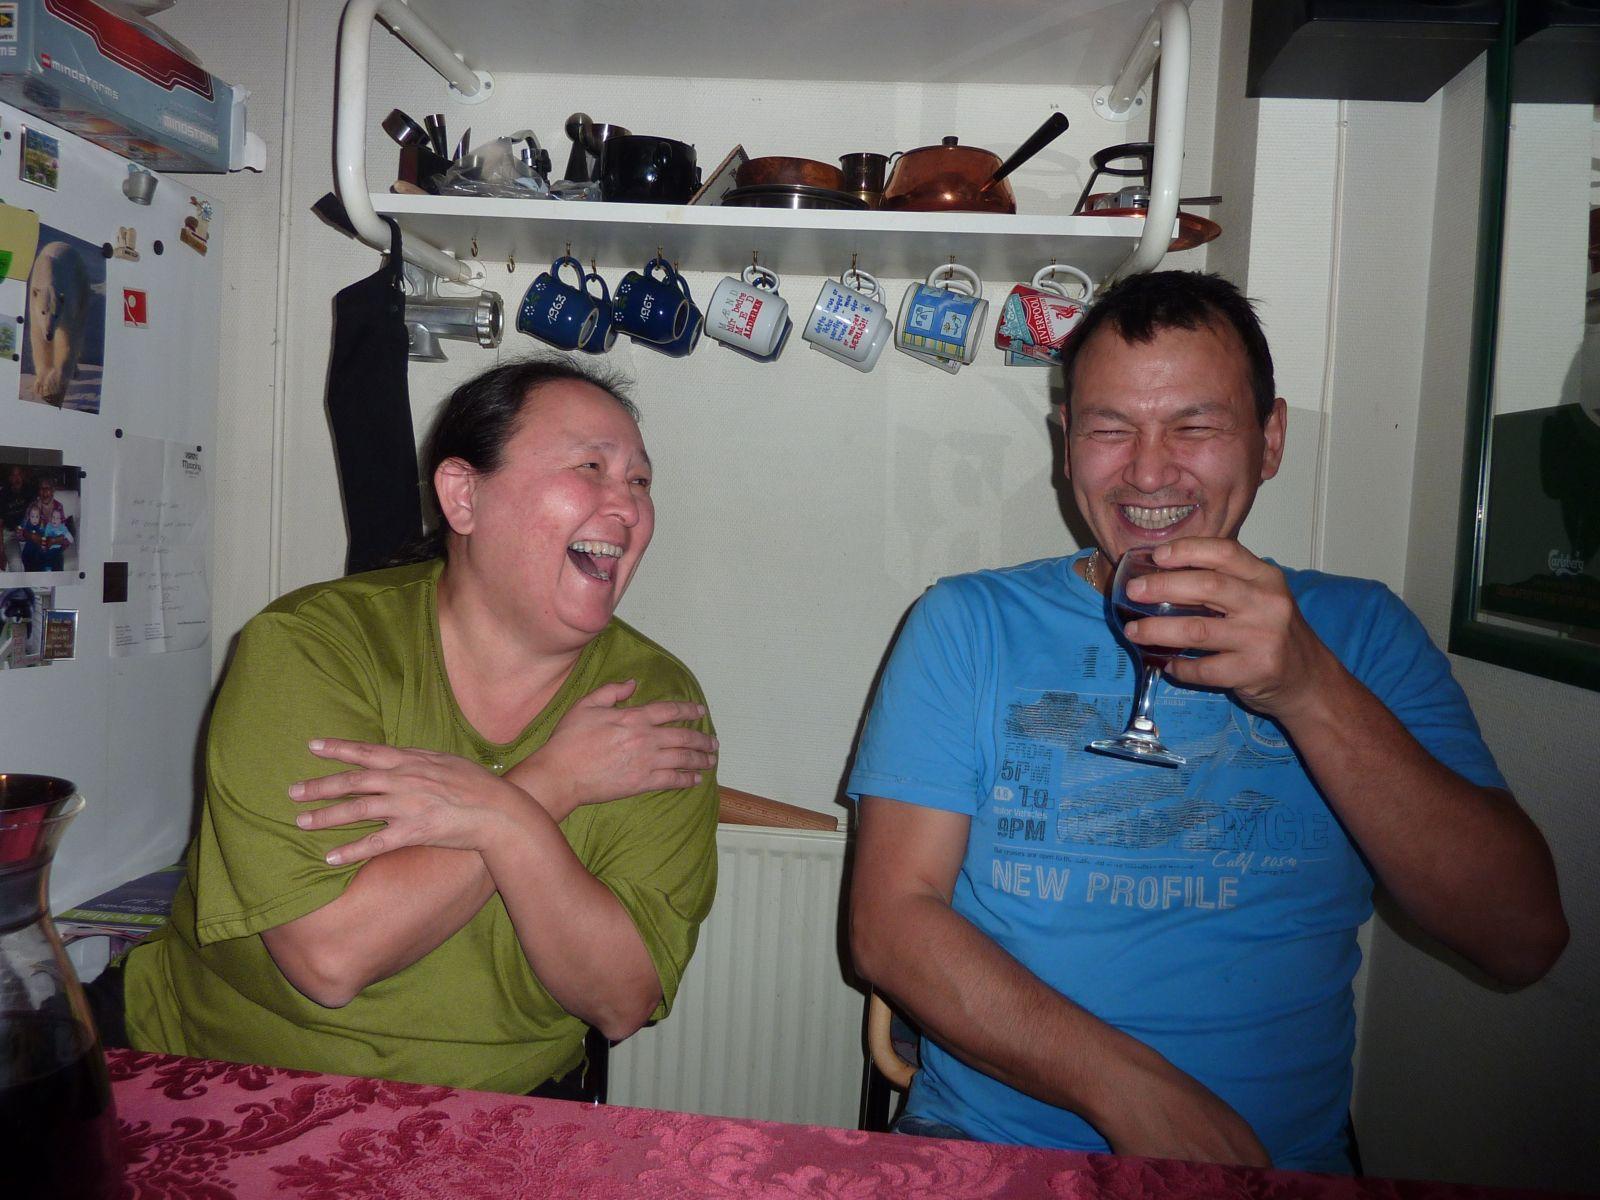 2010-12-24-2323_-_Georg Mikkelsen Lennert; Maren Mikkelsen Lennert_2